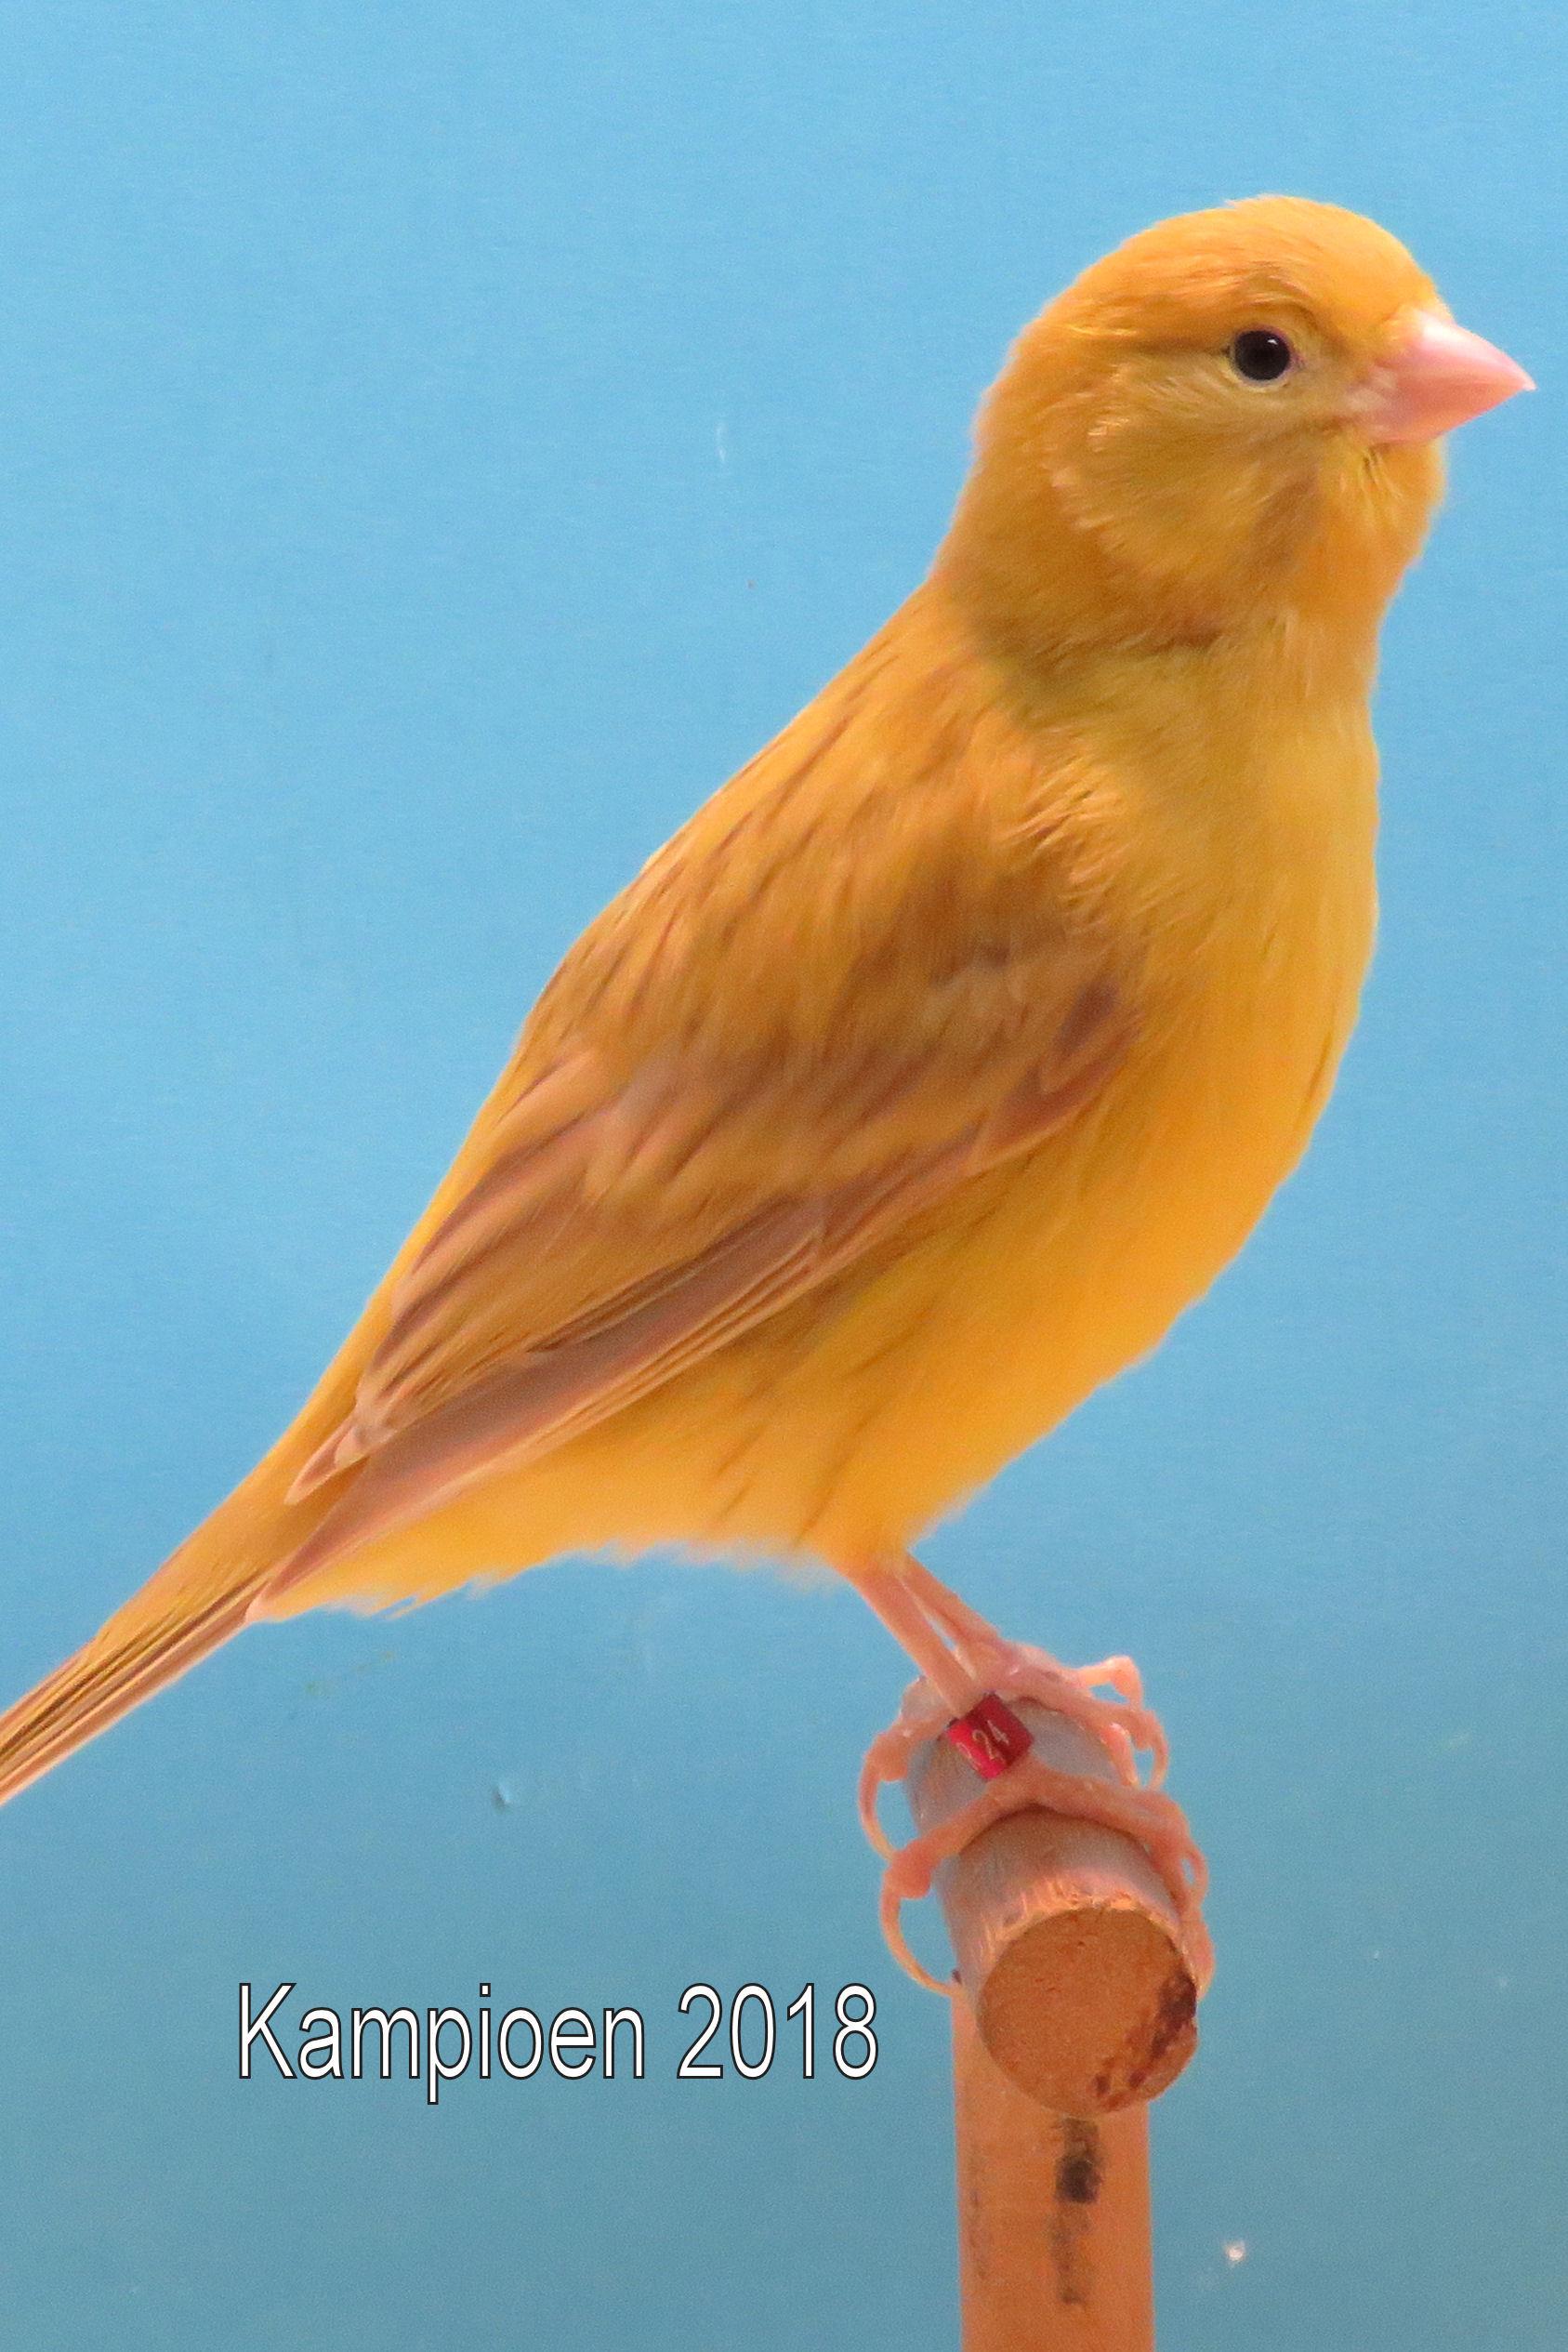 VogelvreugdKampioen2018 geel isabel